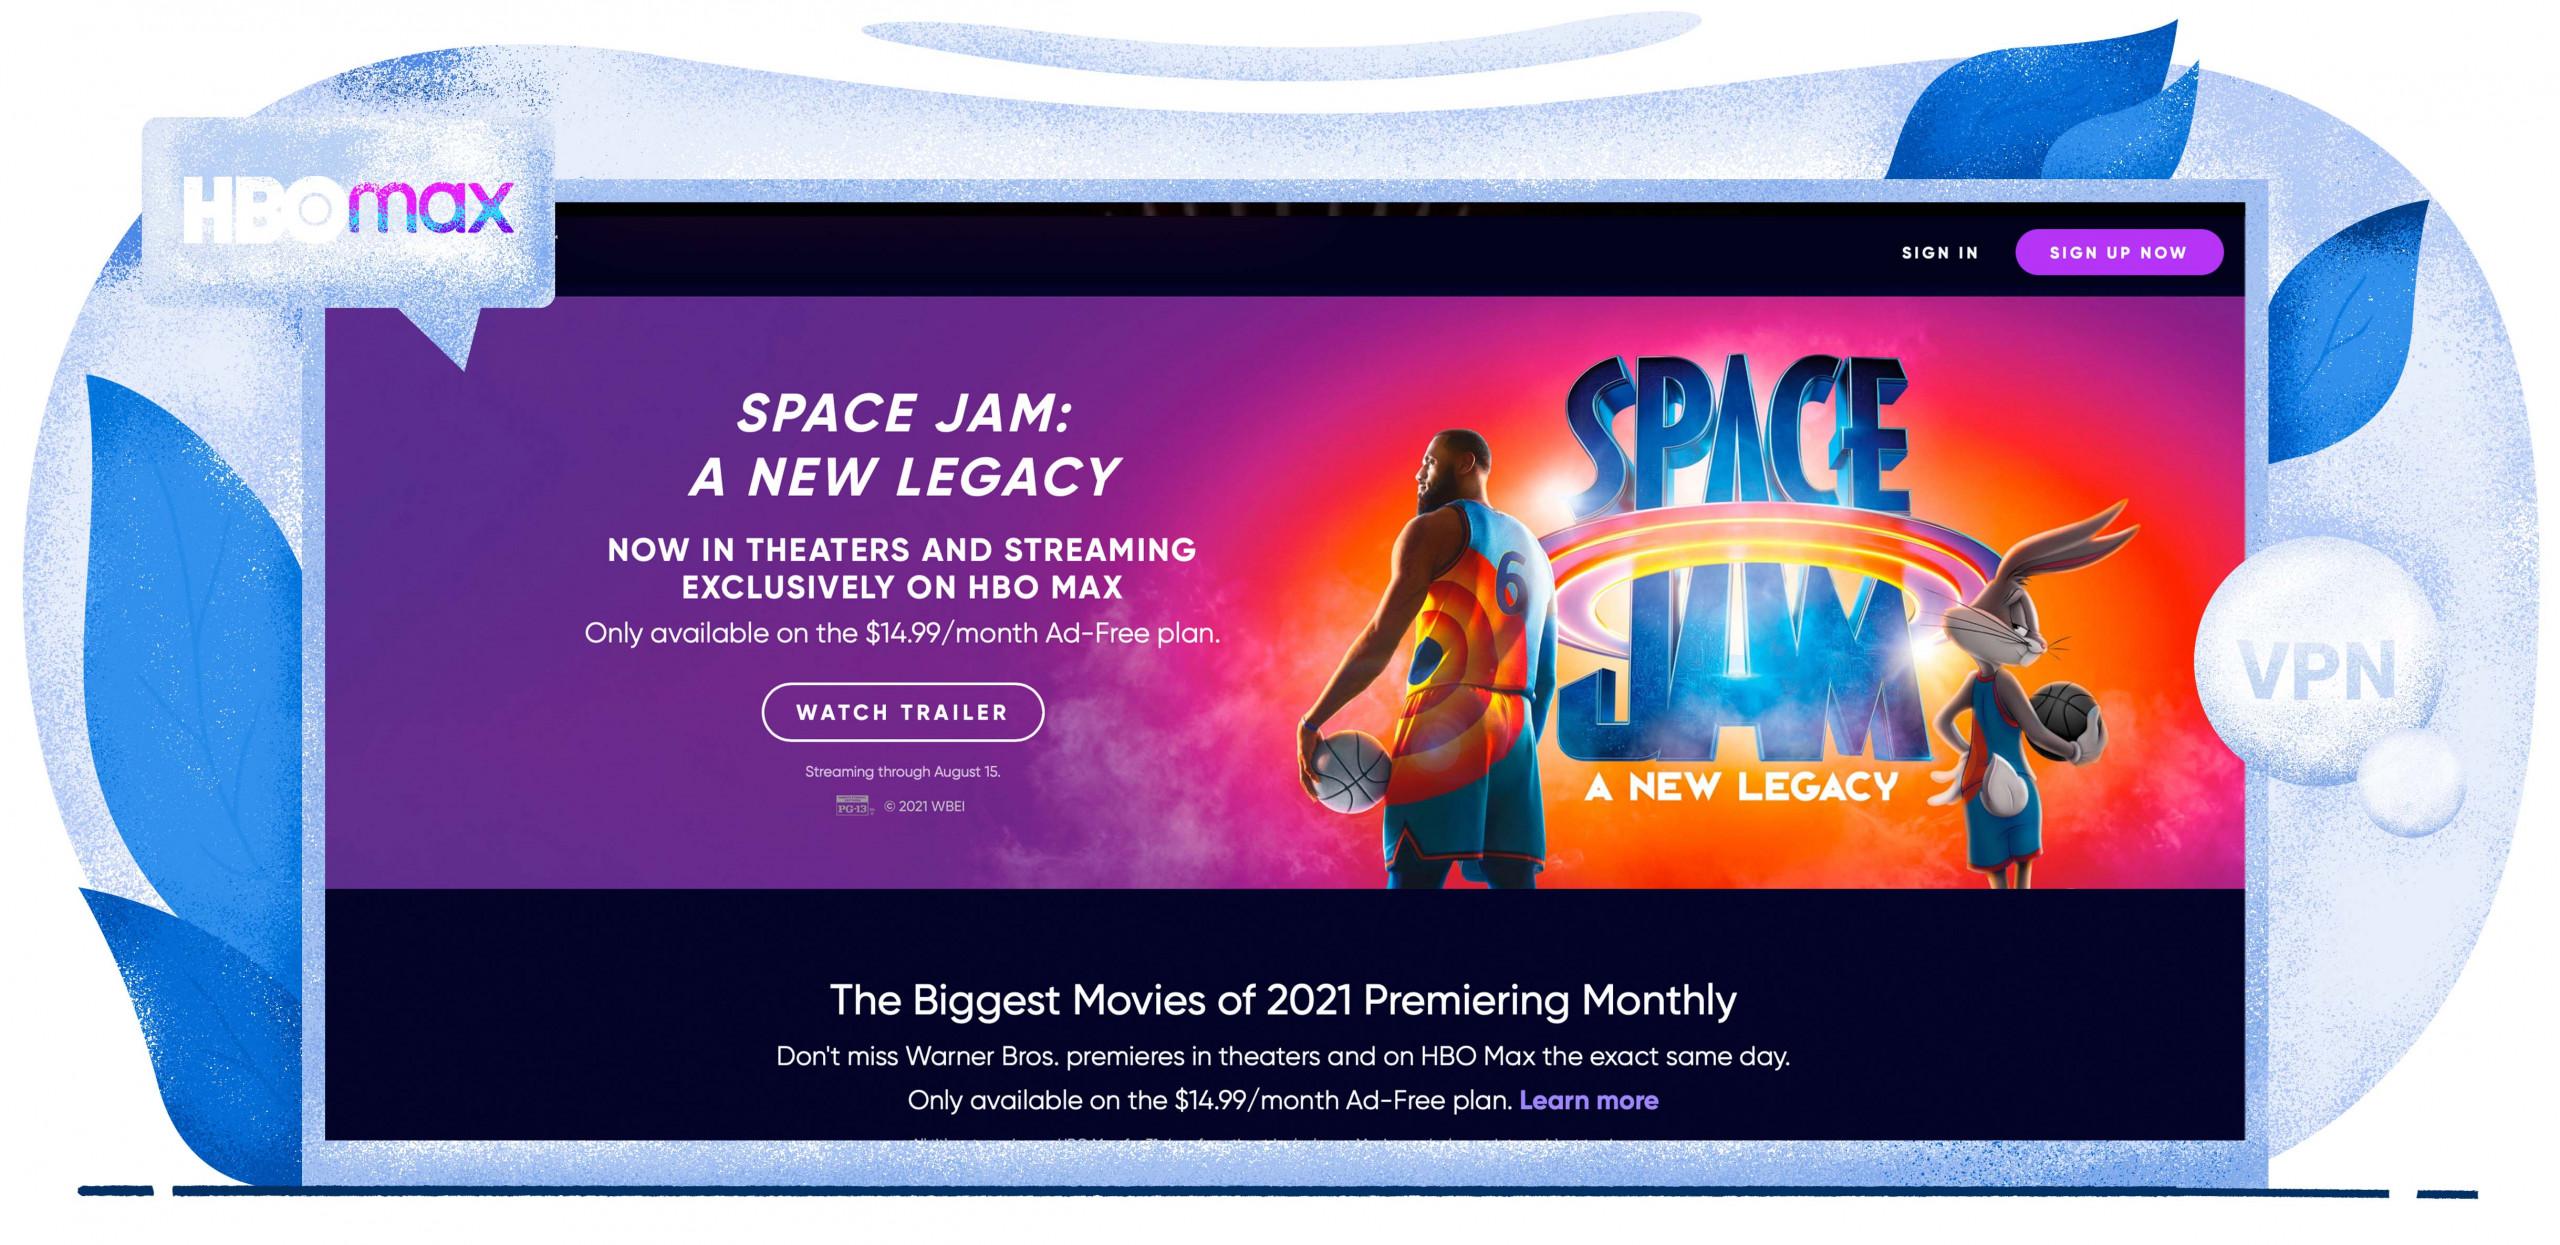 Ver Space Jam 2 en HBO Max con una VPN